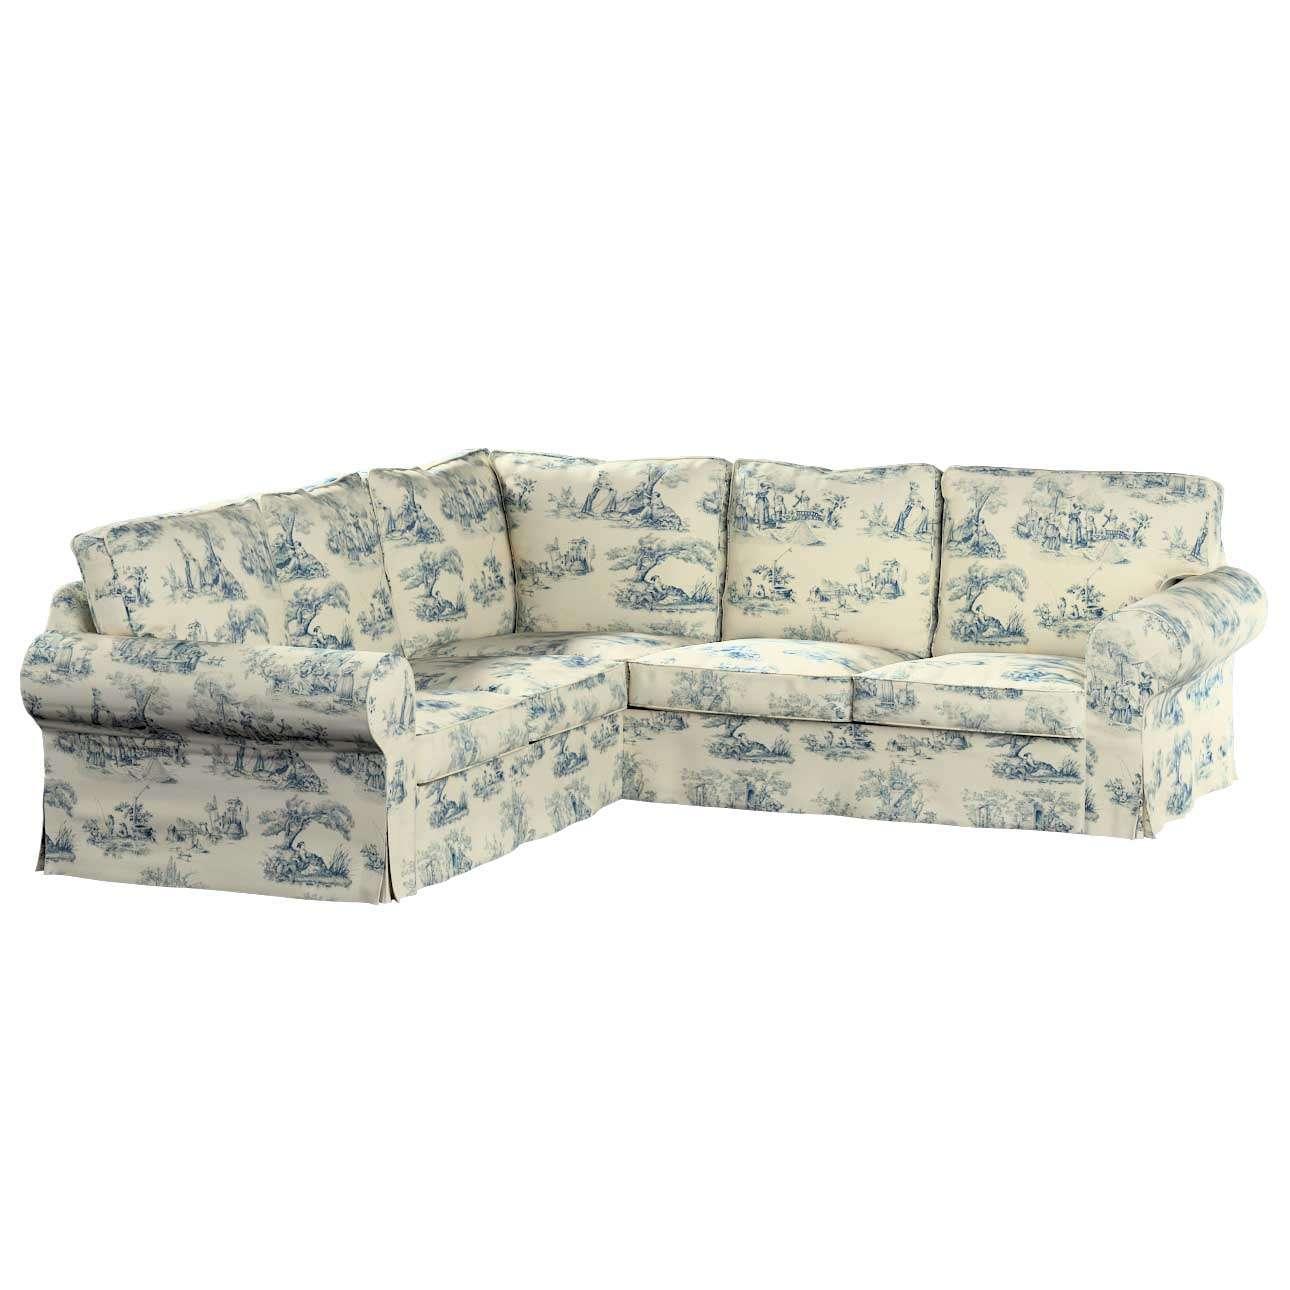 Pokrowiec Ektorp na sofę Sofa Ektorp narożna w kolekcji Avinon, tkanina: 132-66